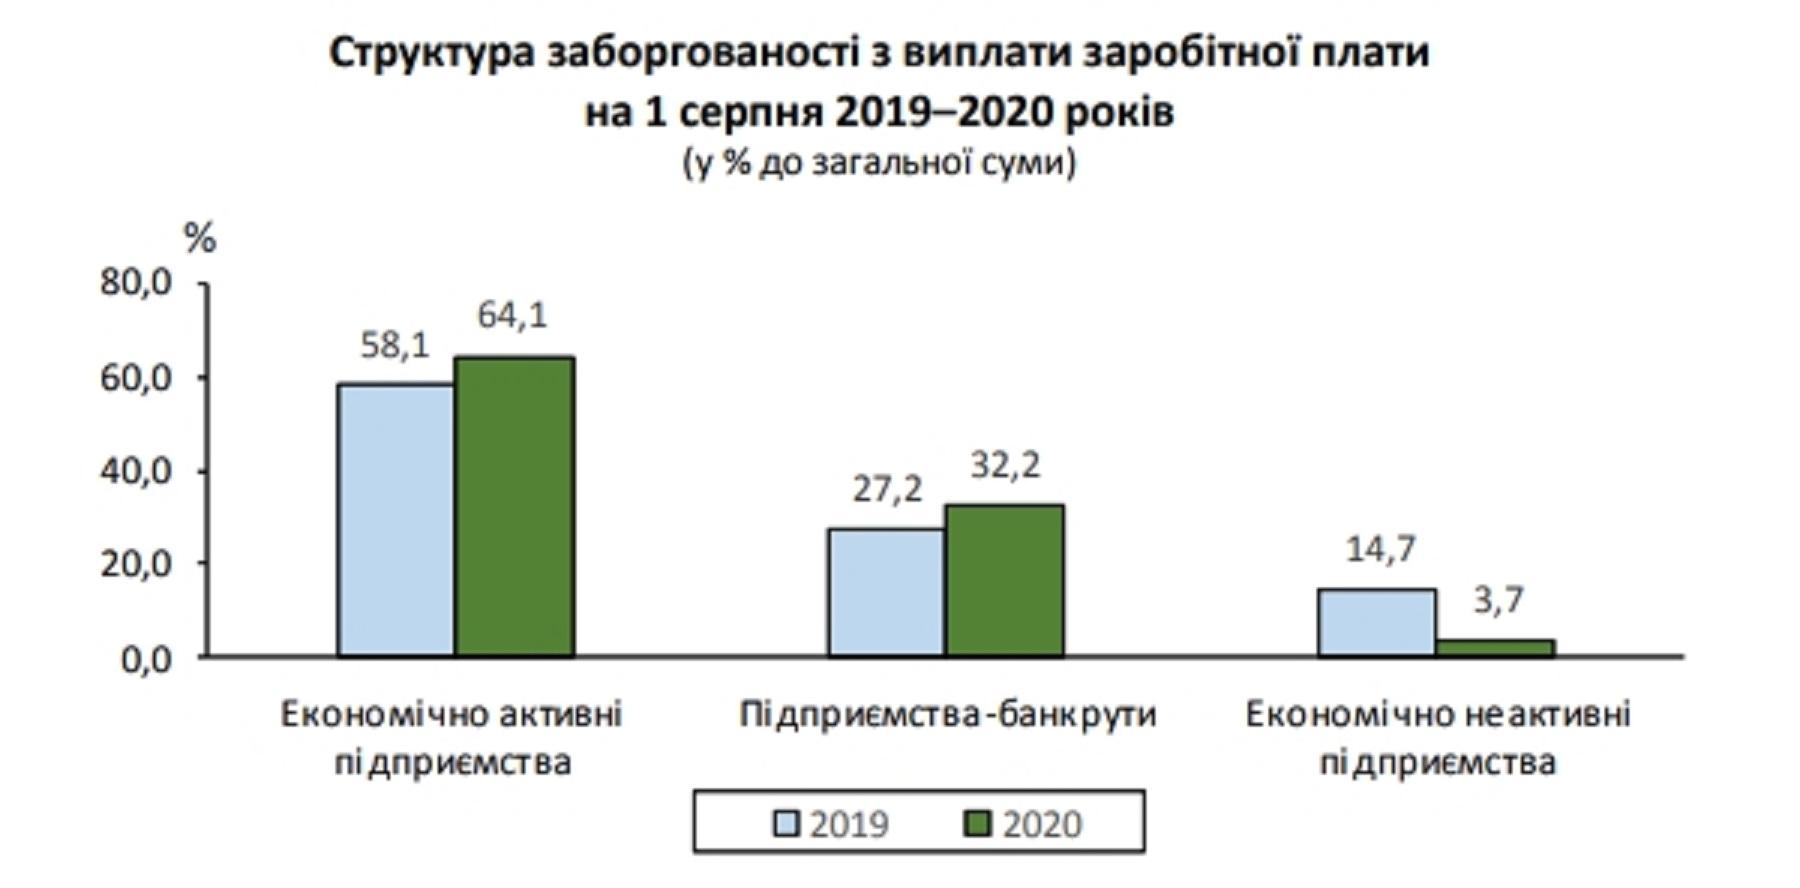 Как выросла задолженность по зарплатам в Украине - ситуация в цифрах - фото 1